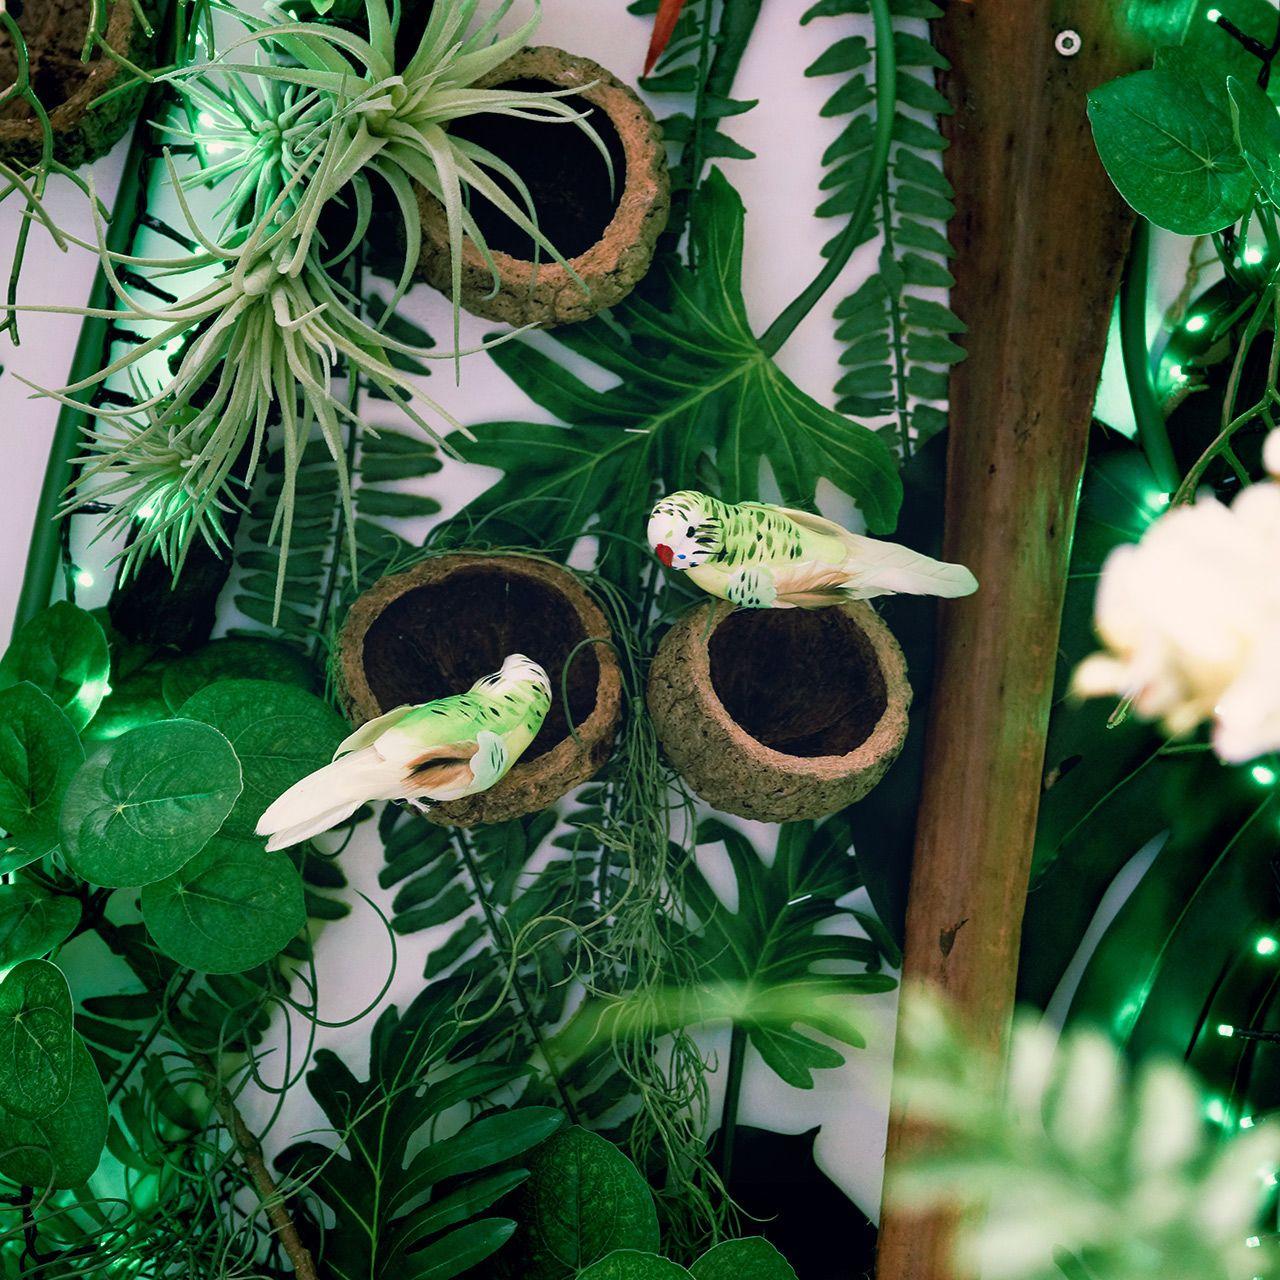 Ou Acheter De La Mousse Pour Piquer Des Fleurs oiseaux & papillons décoratifs - articles de décoration